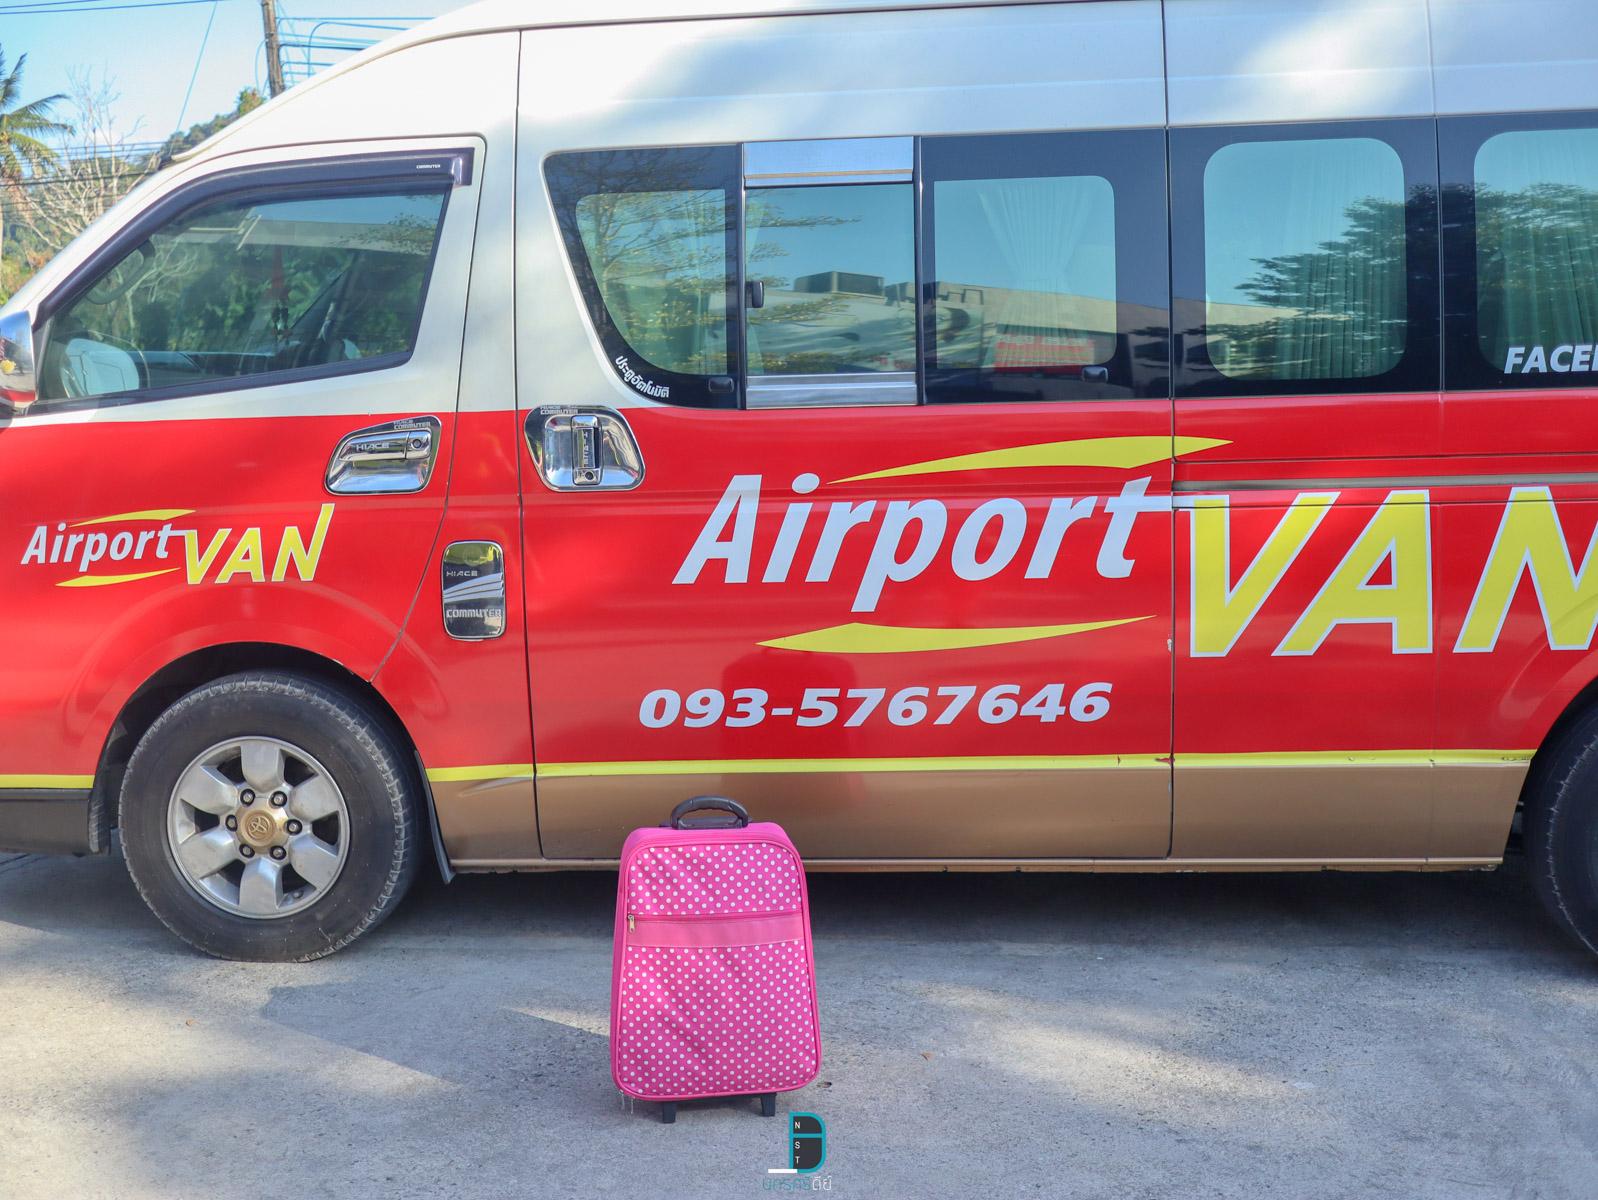 รถรับส่ง ทุ่งสง สนามบินนครศรีธรรมราช AirportVan สะดวก สบาย ปลอดภัย นครศรีดีย์